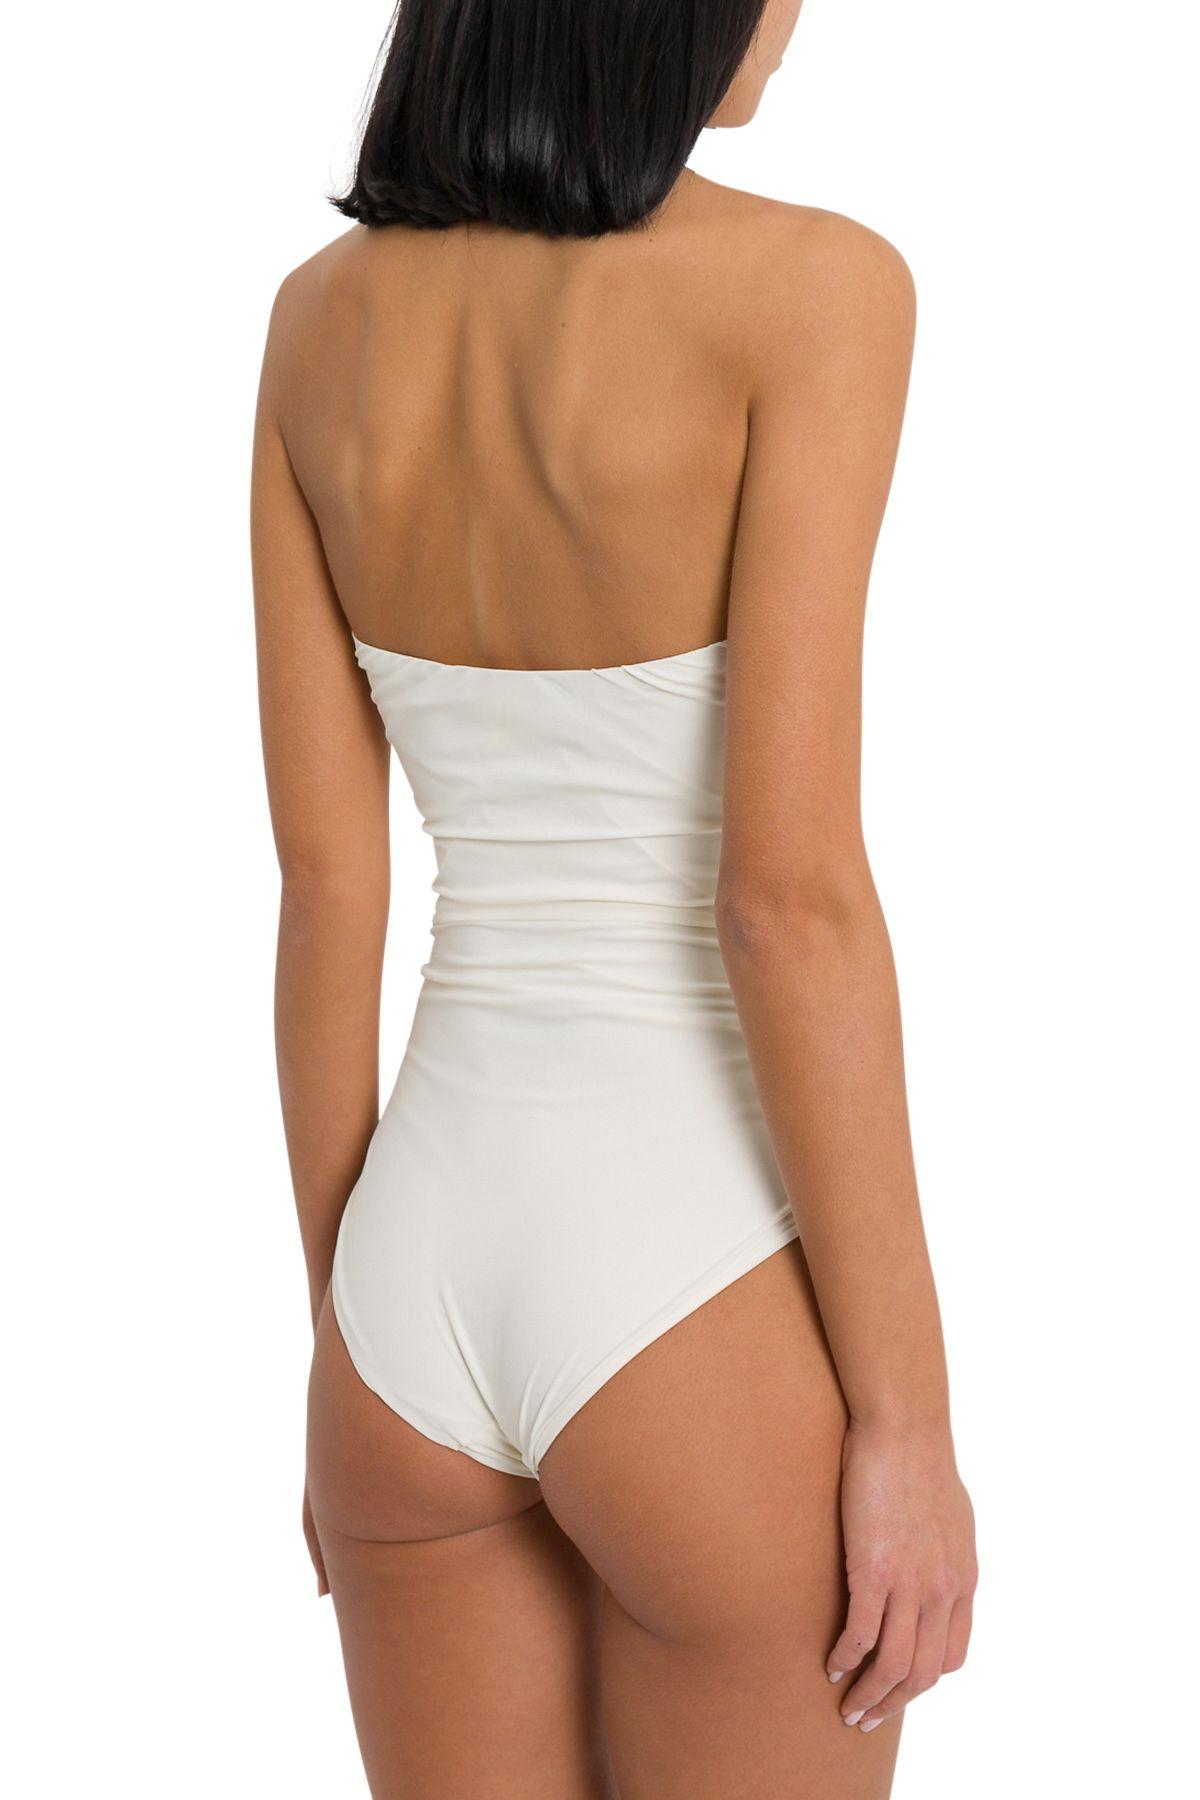 c043c8249d7f2 Le Petit Réve Le Petit Réve Bustier One Piece Swimsuit - Bianco ...